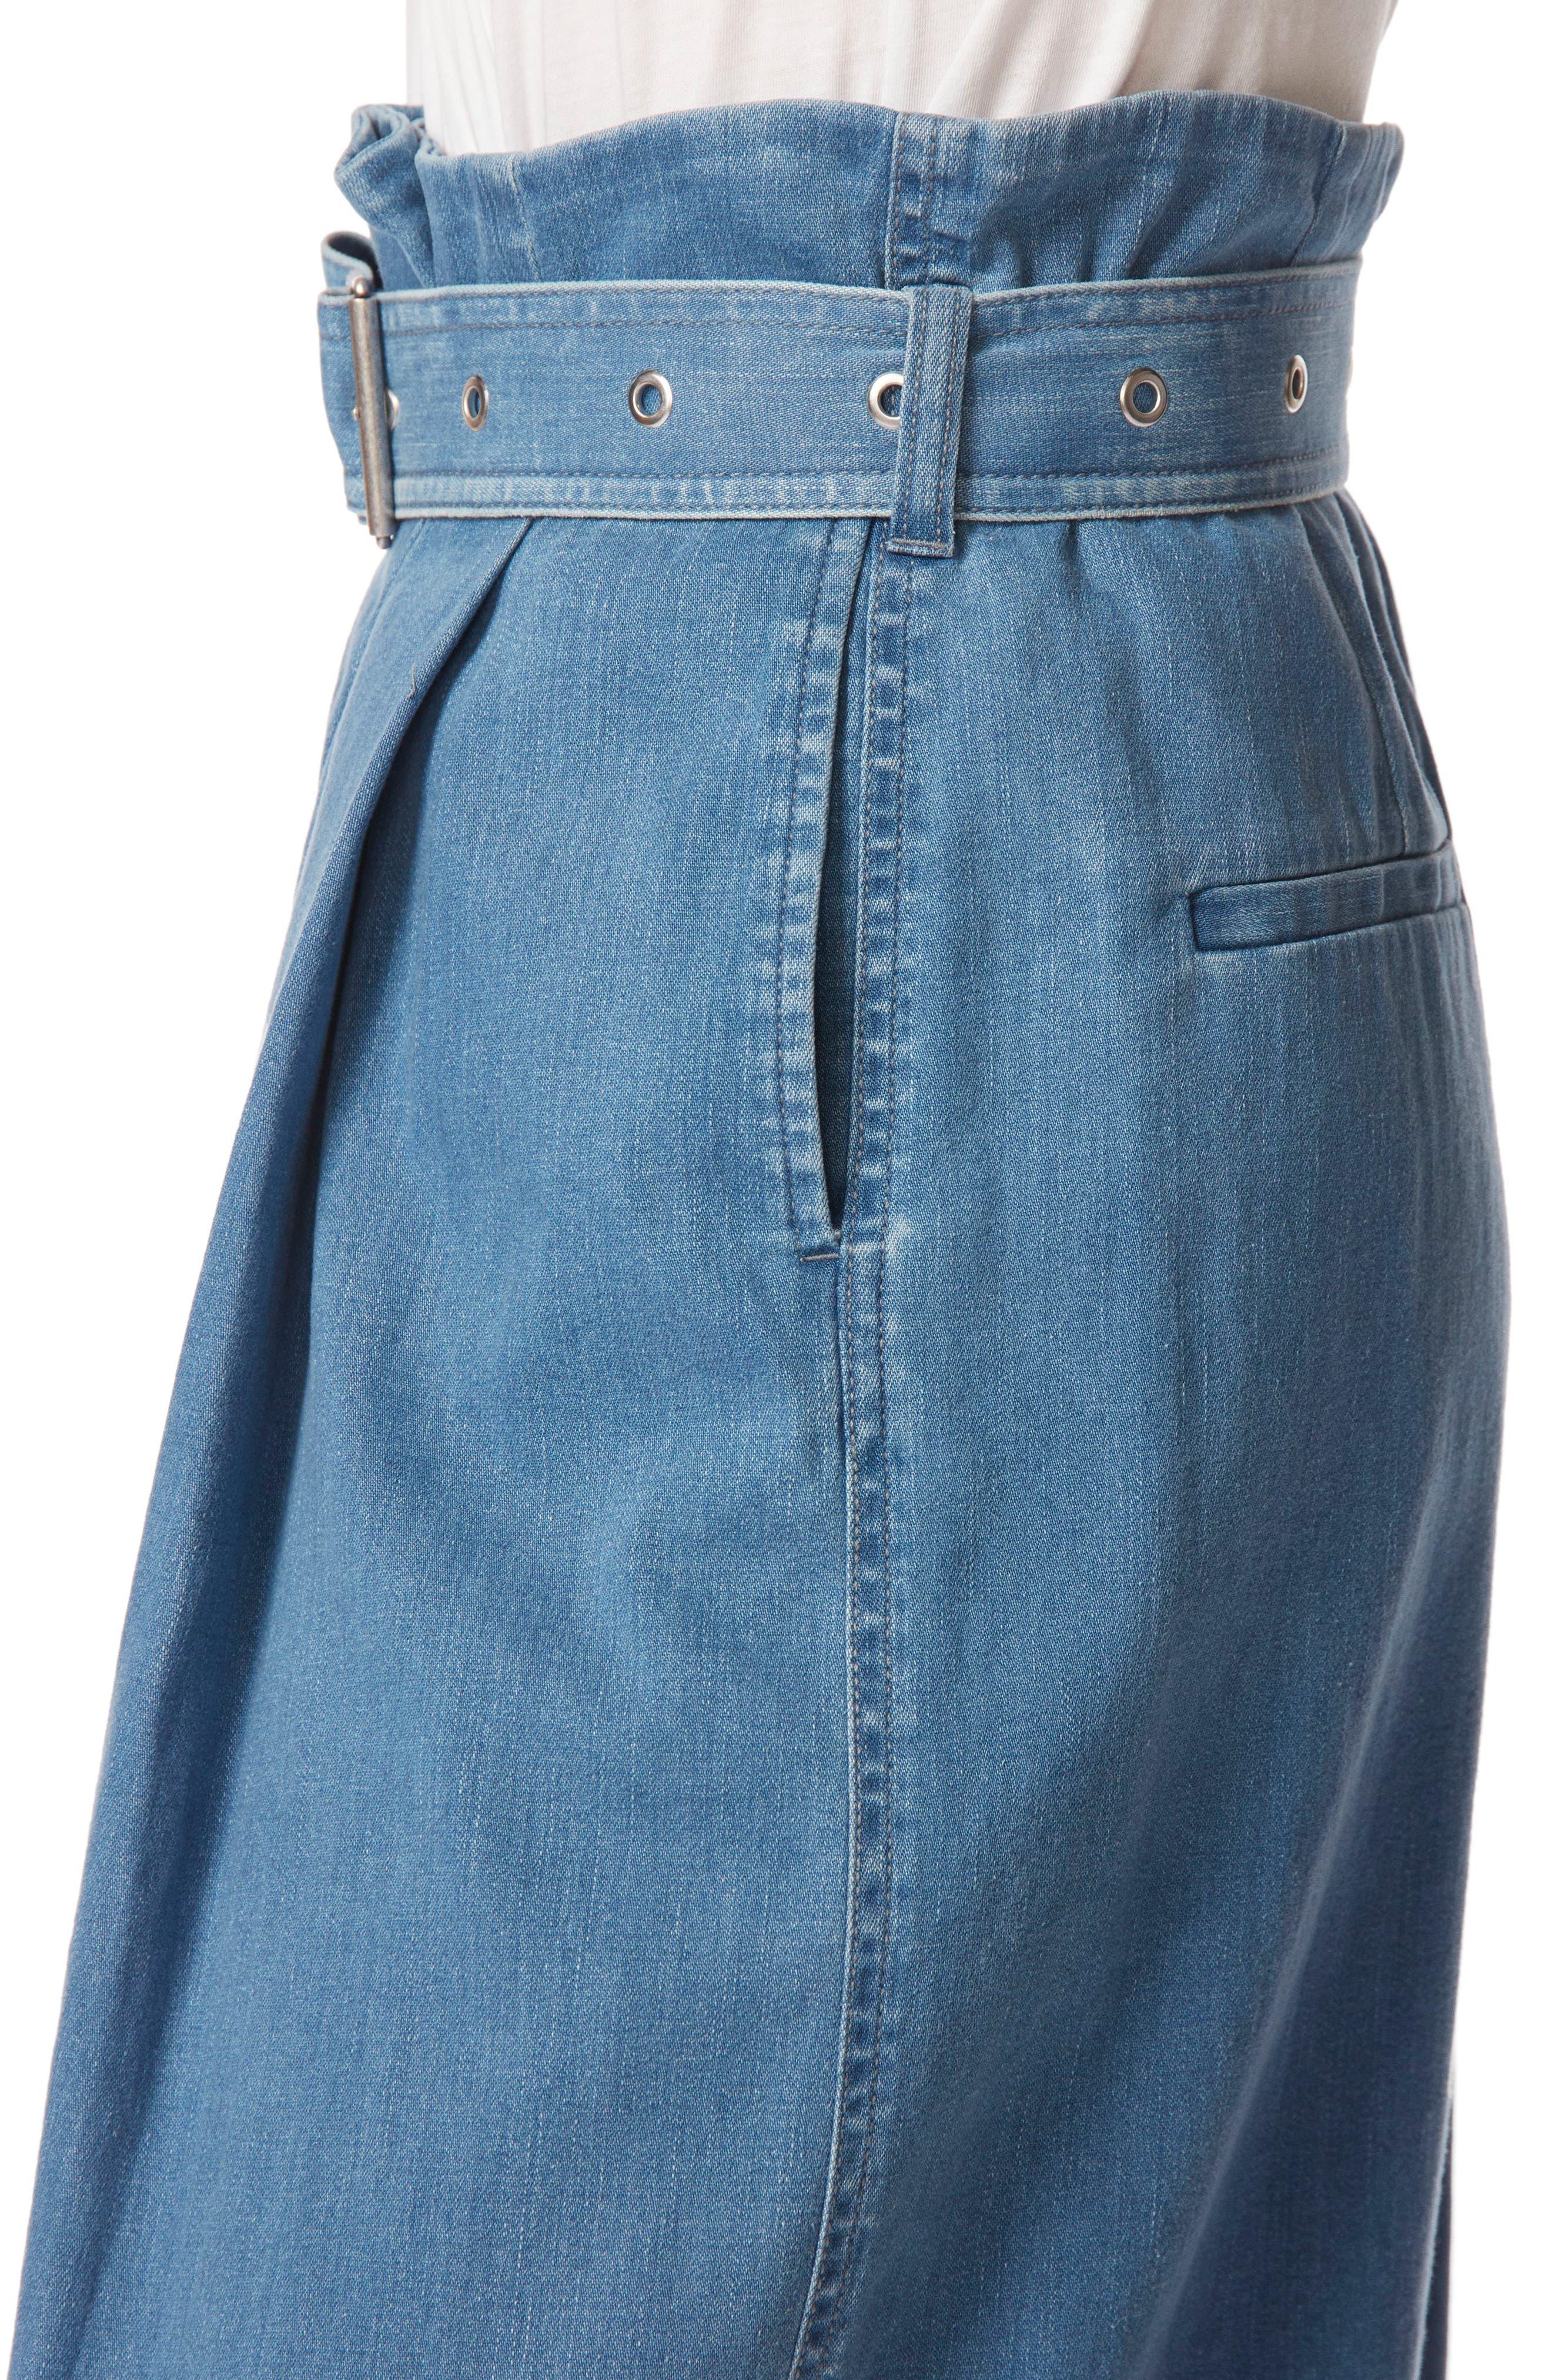 Tranquil Pleat Front Denim Skirt,                             Alternate thumbnail 5, color,                             Heavenly